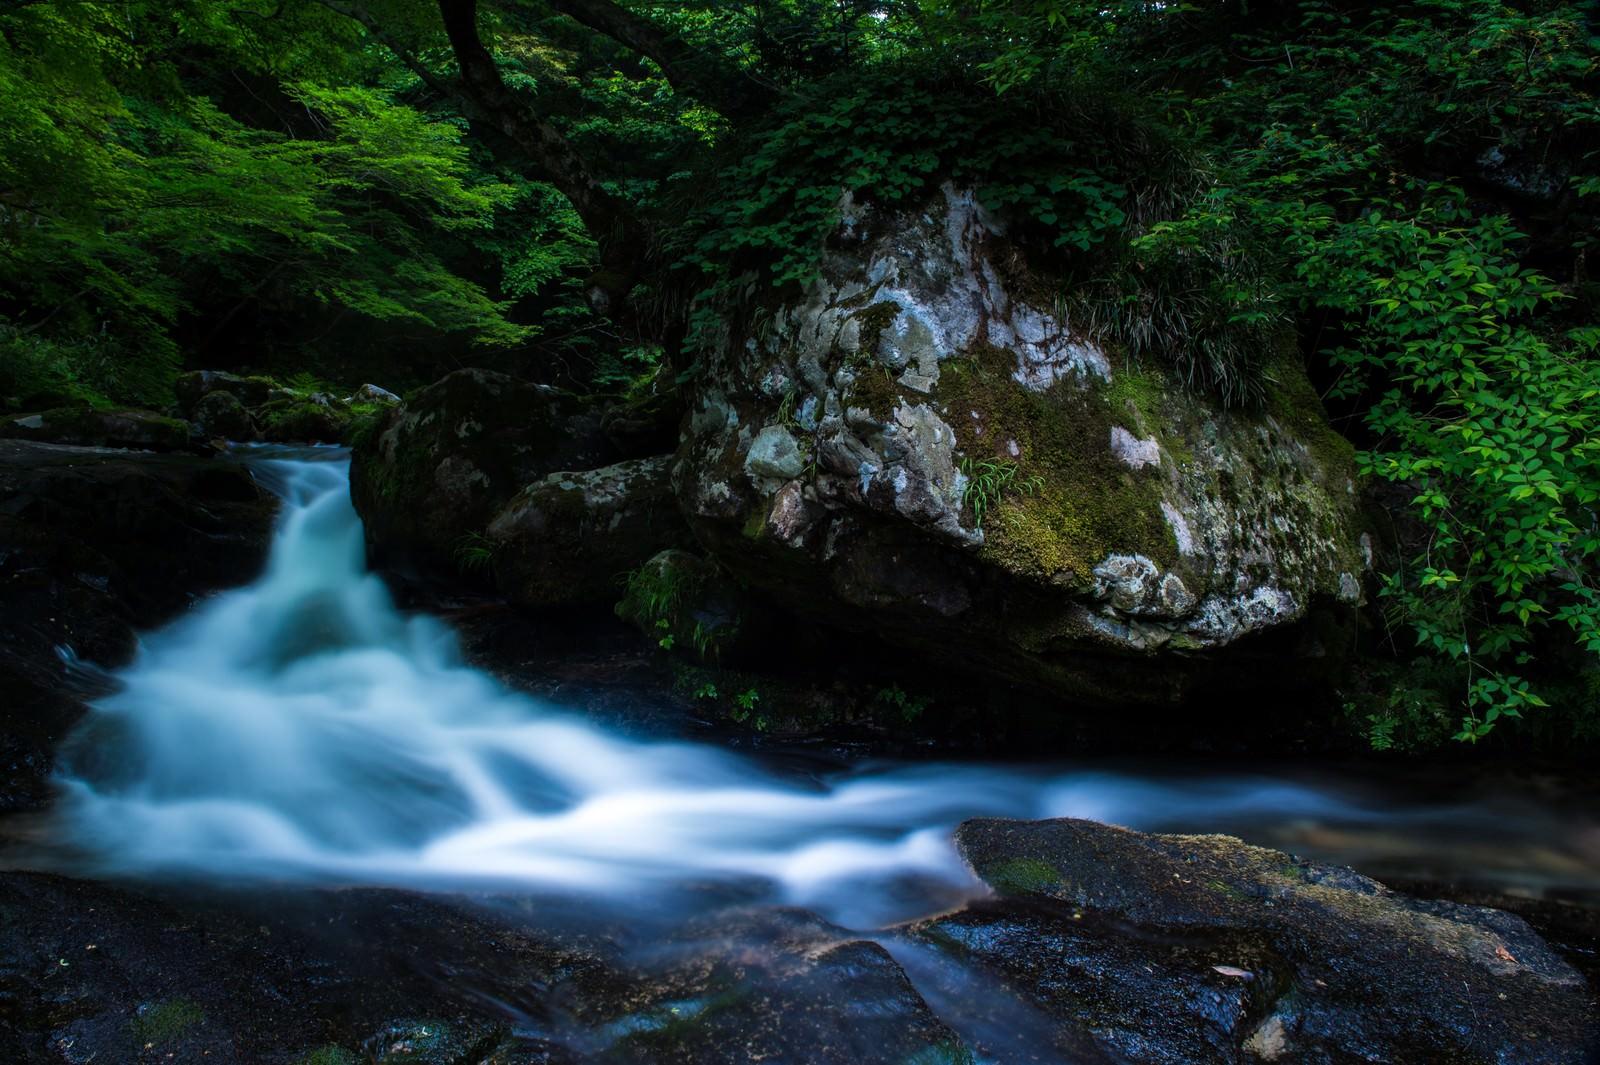 「自然が作り出した芸術的景観(鏡野町白賀渓谷)」の写真